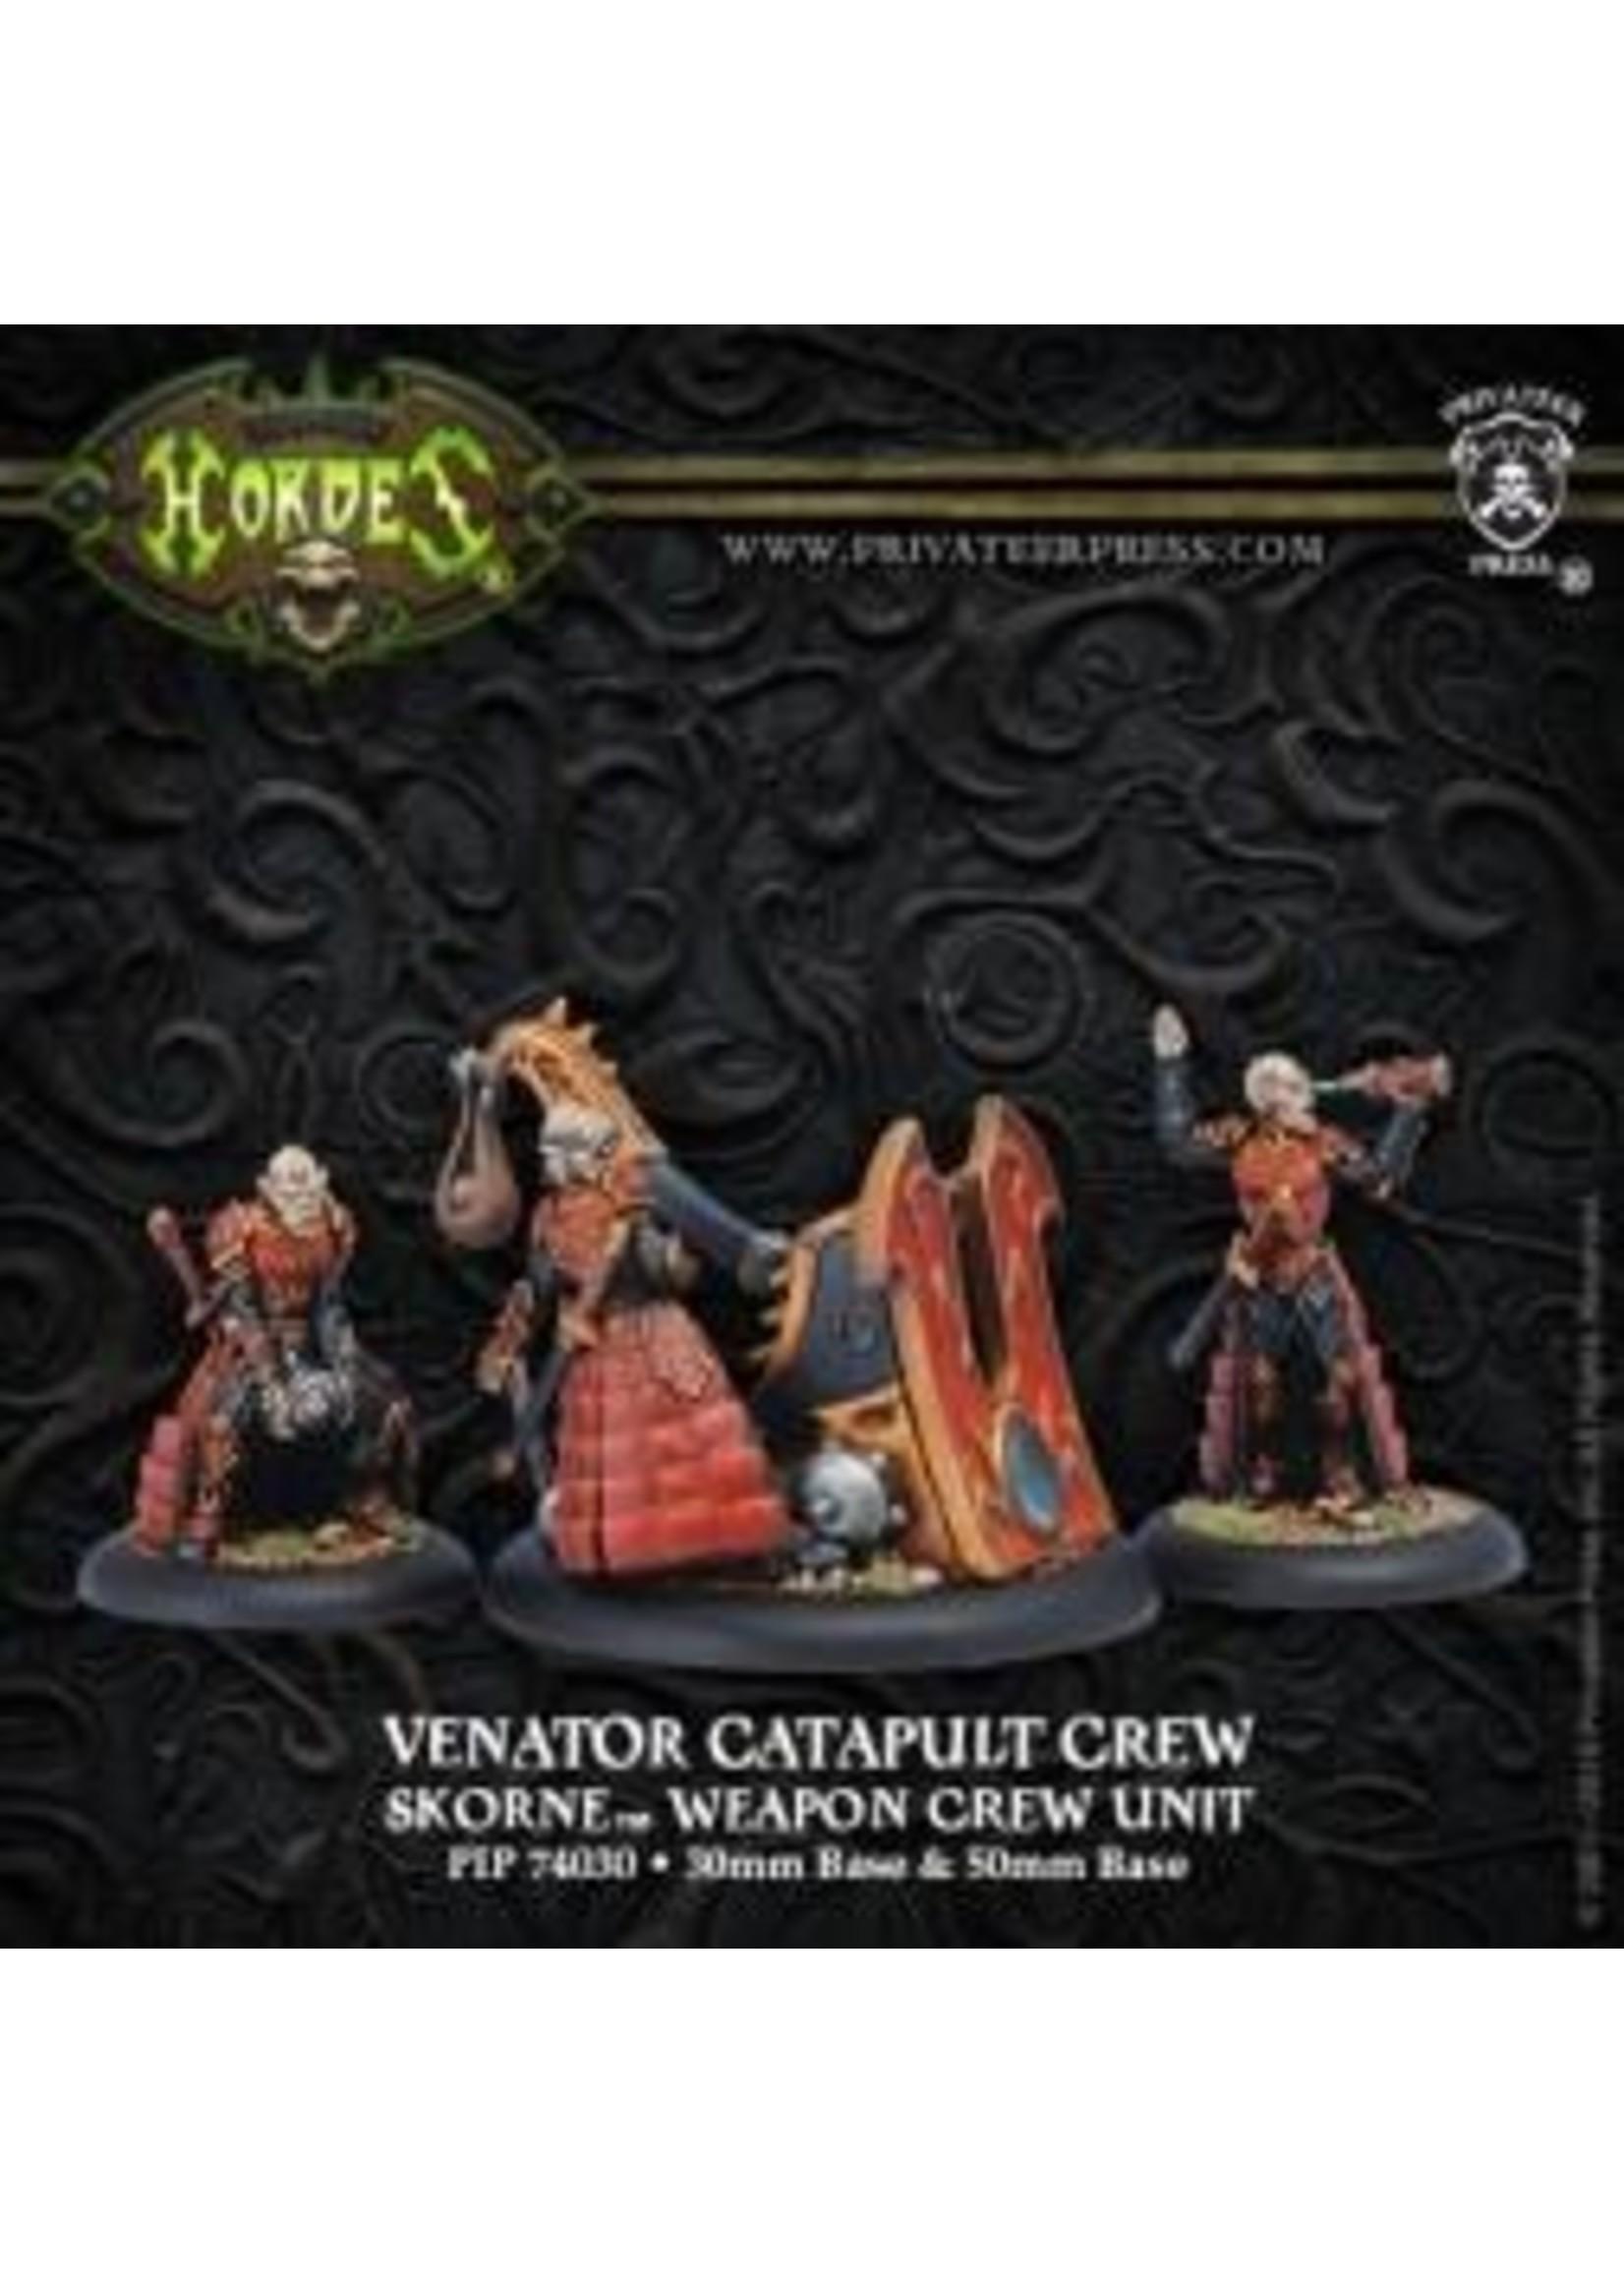 Hordes: Skorne Venator Catapult Crew Weapon Crew Unit (White Metal)